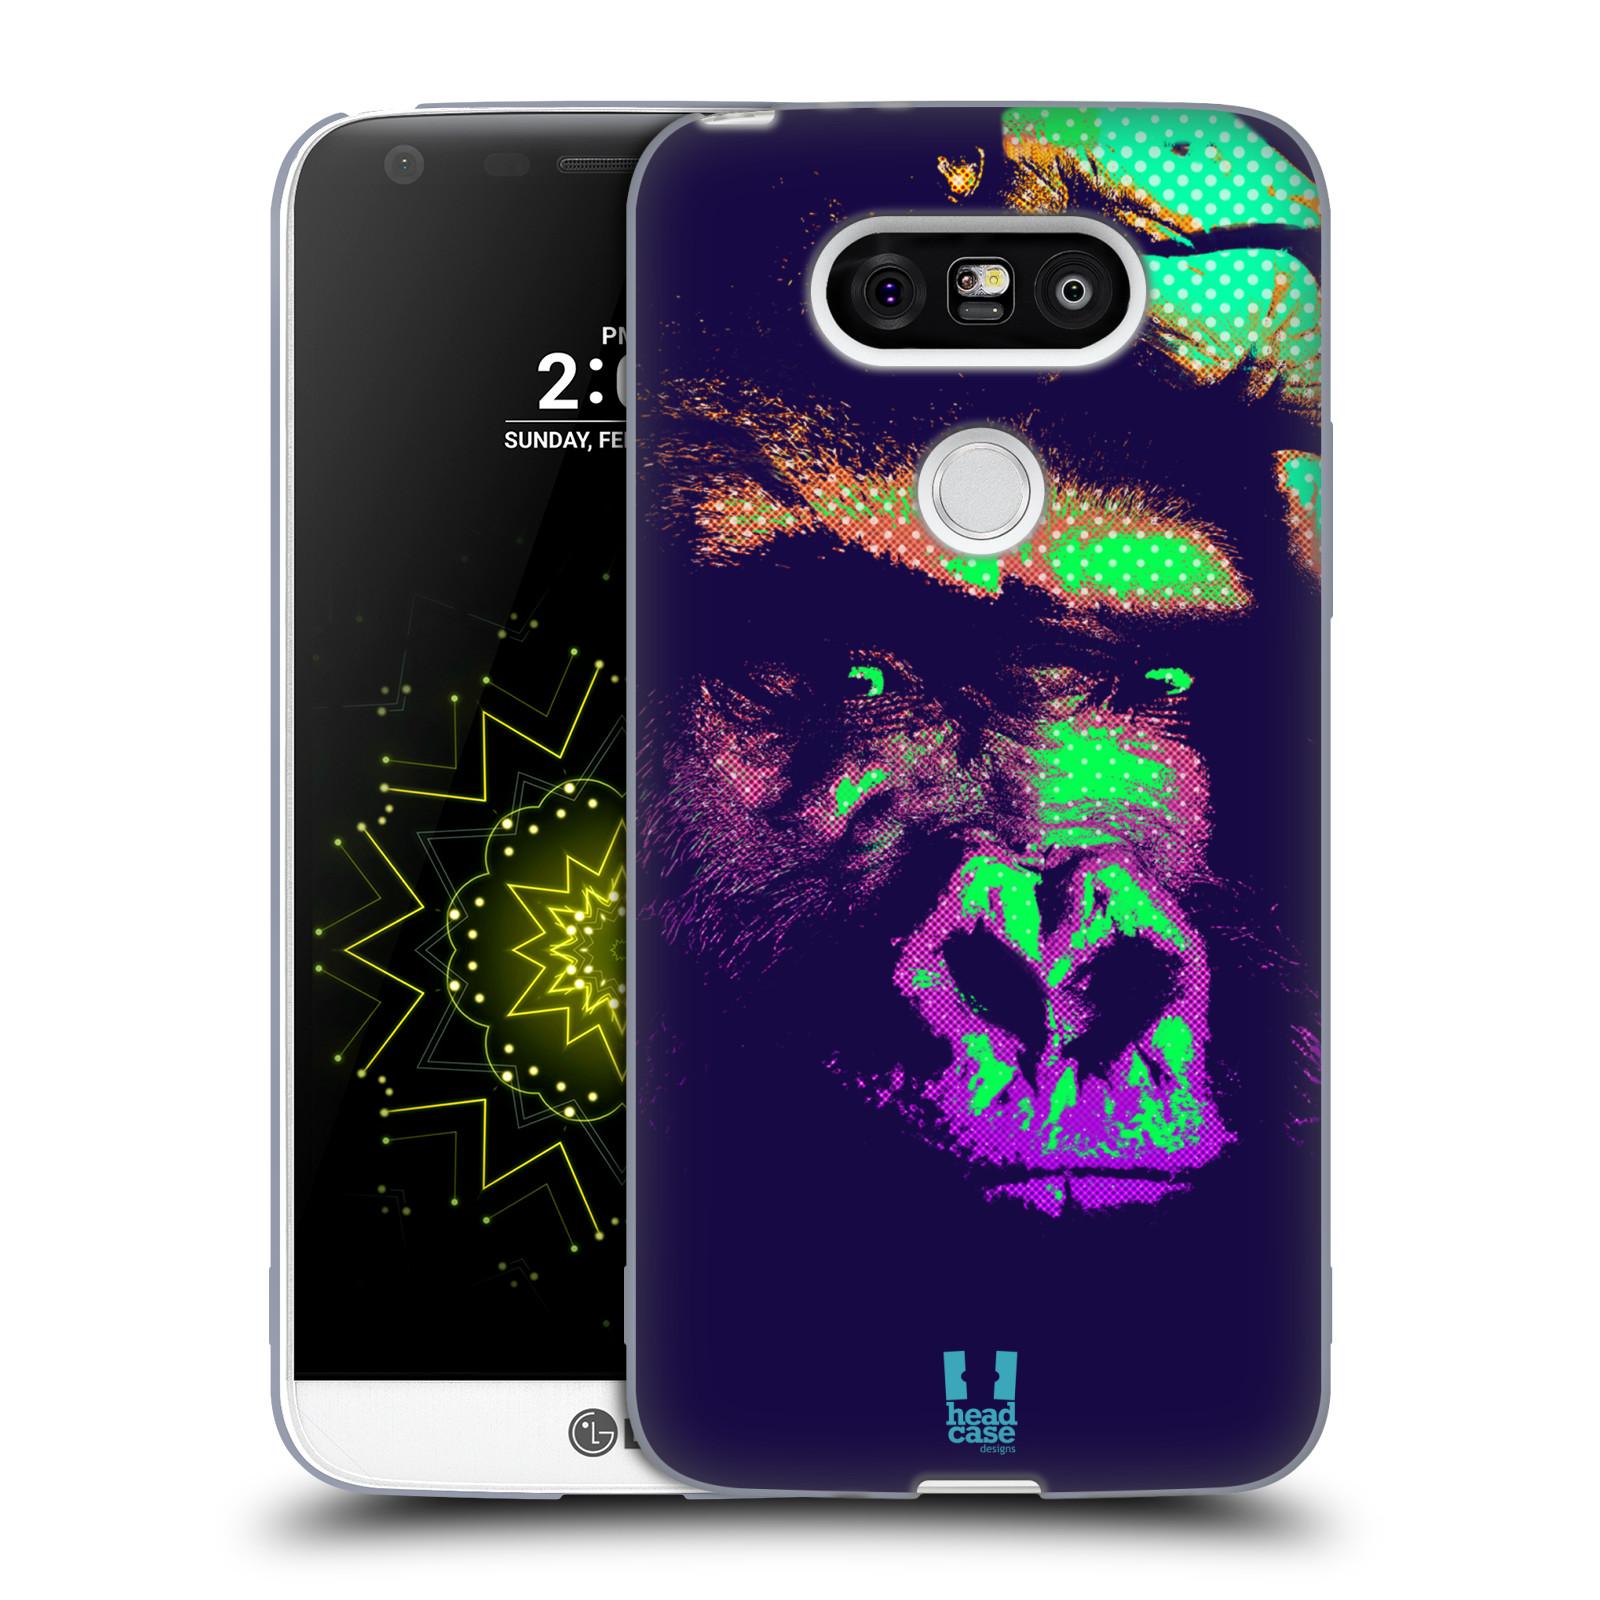 Silikonové pouzdro na mobil LG G5 HEAD CASE POP PRINT GORILA (Silikonový kryt či obal na mobilní telefon LG G5 H850)